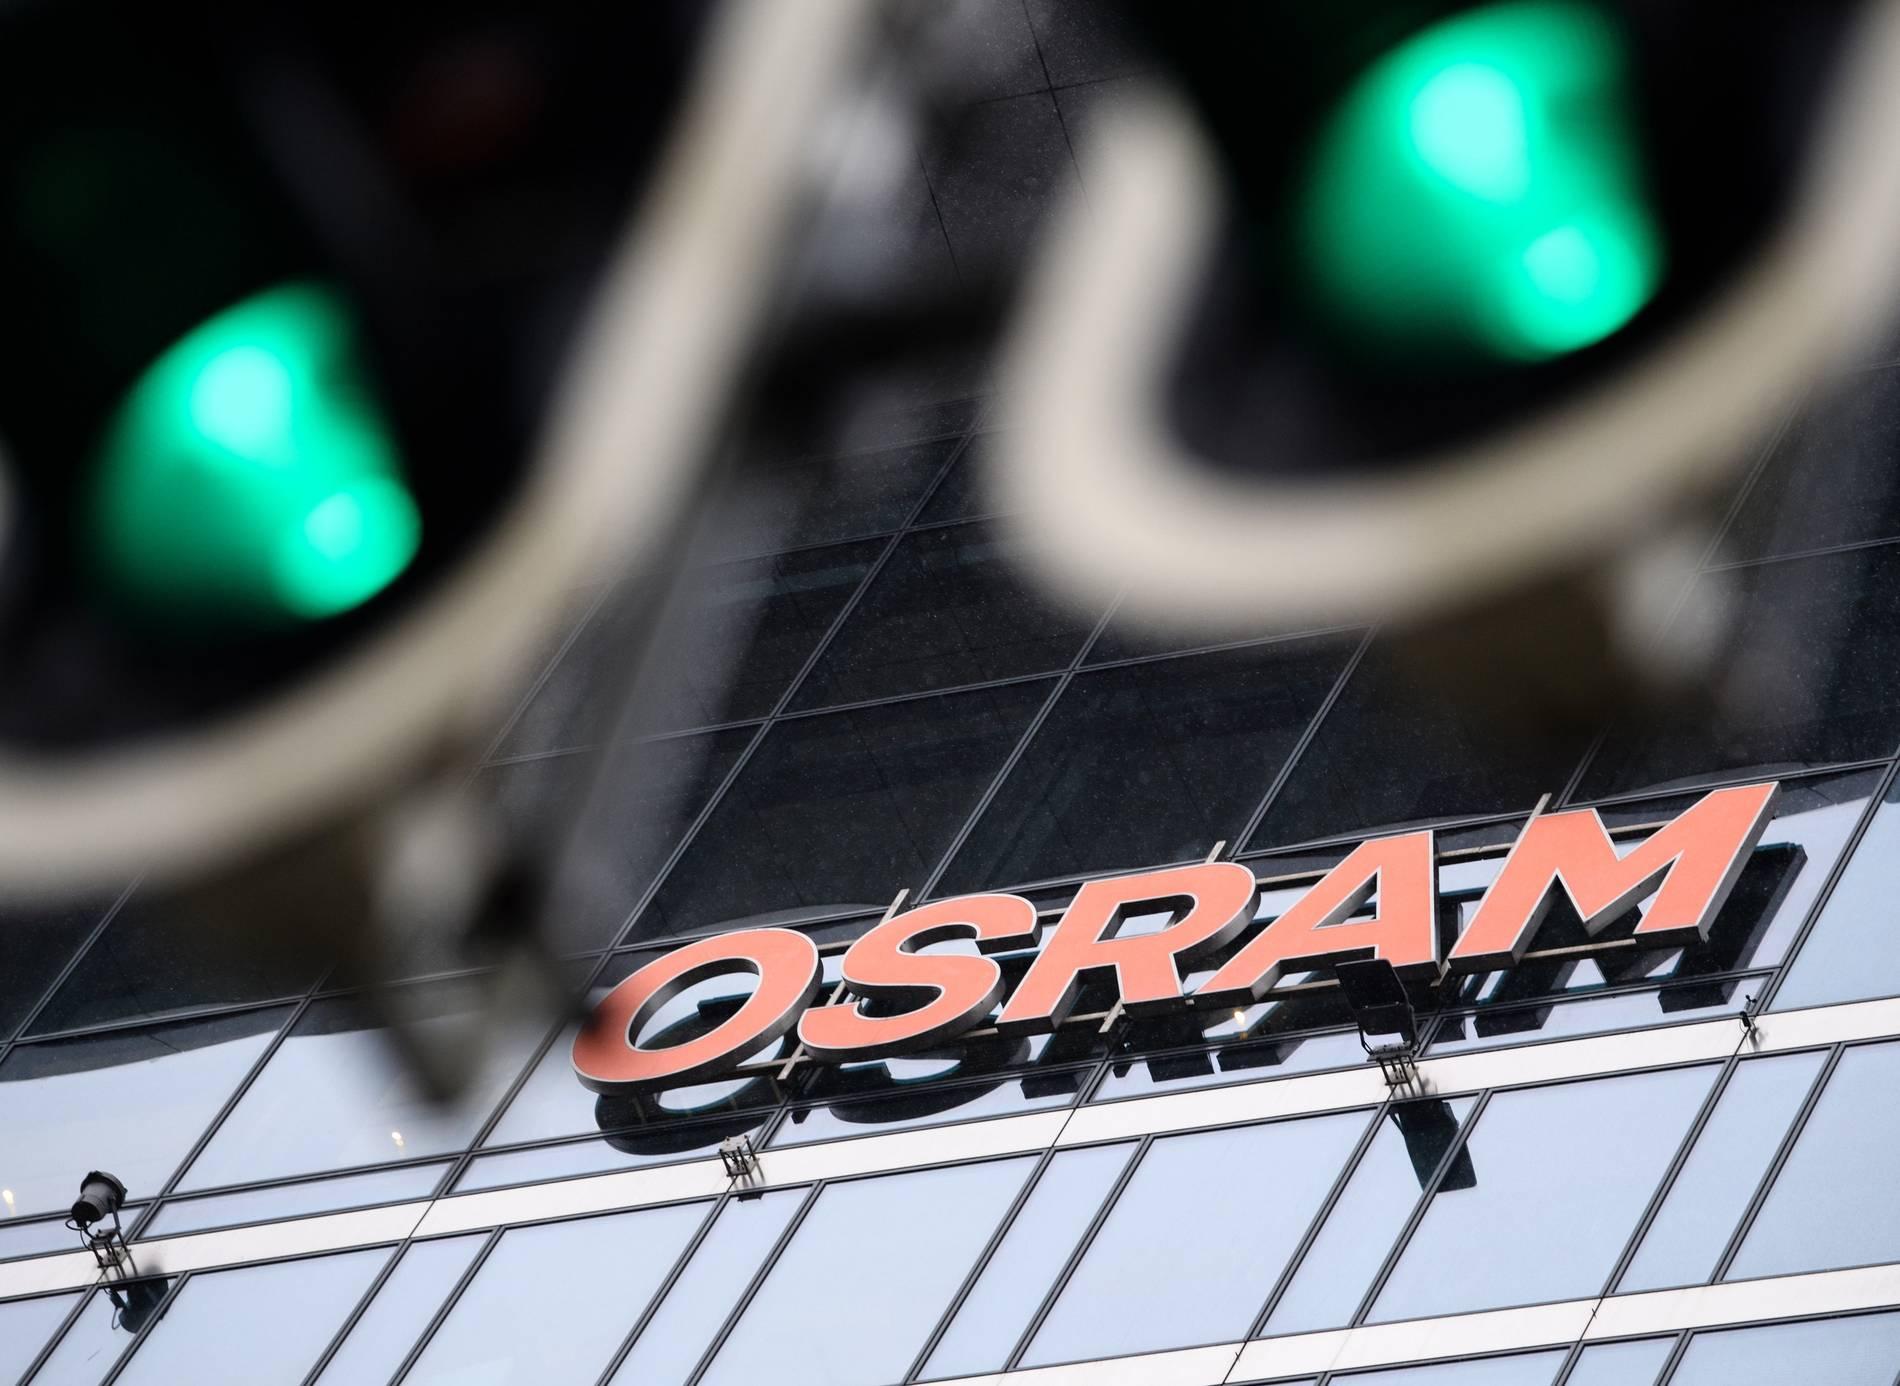 Osrams Zukunft nach gescheiterter Übernahme wieder ungewiss